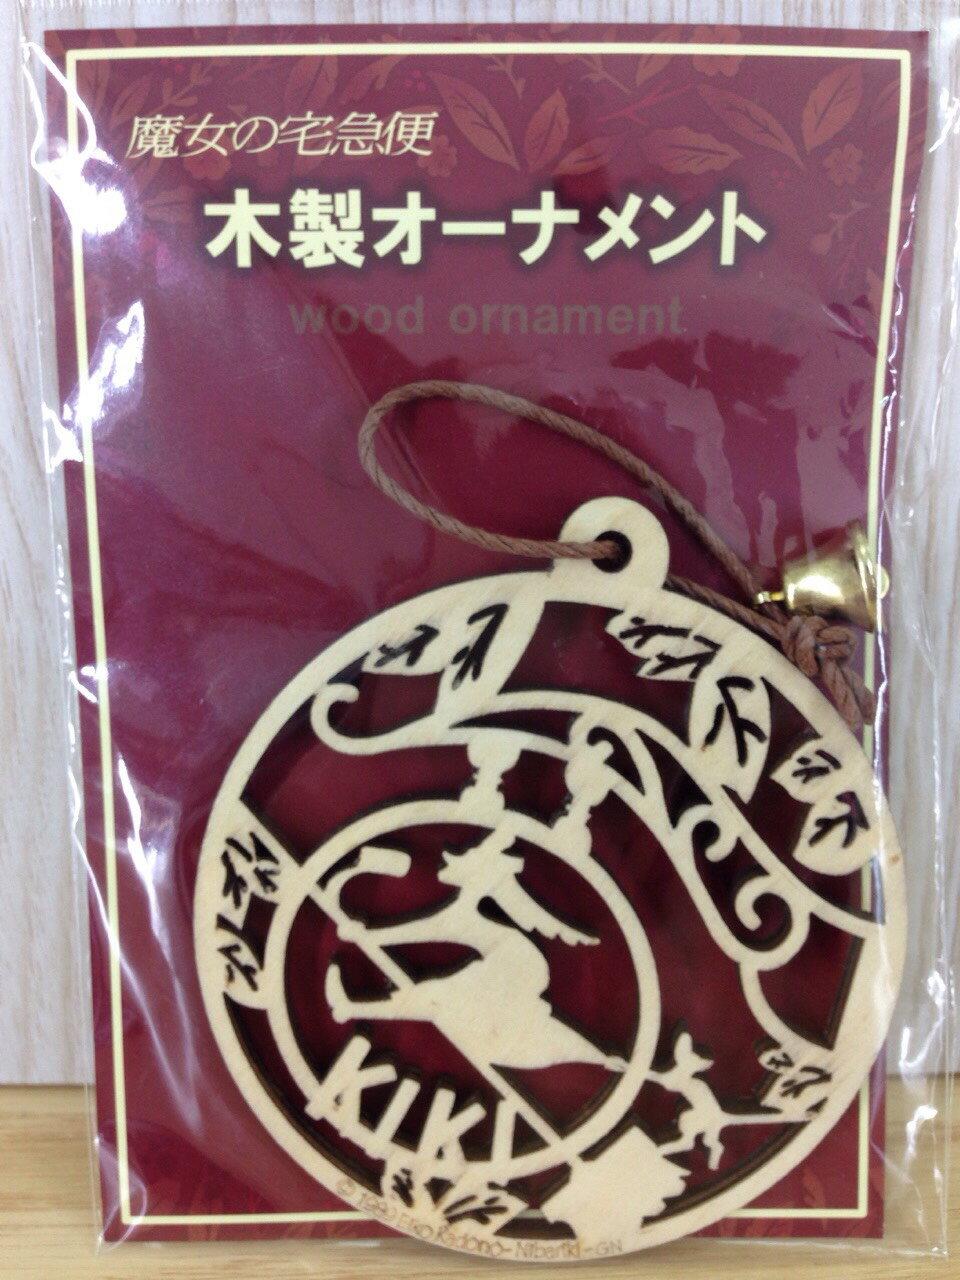 【真愛日本】15121500006精緻雕刻圓形木牌-魔女飛行看板  魔女宅急便 黑貓 奇奇貓   吊飾  掛飾  木牌  收藏